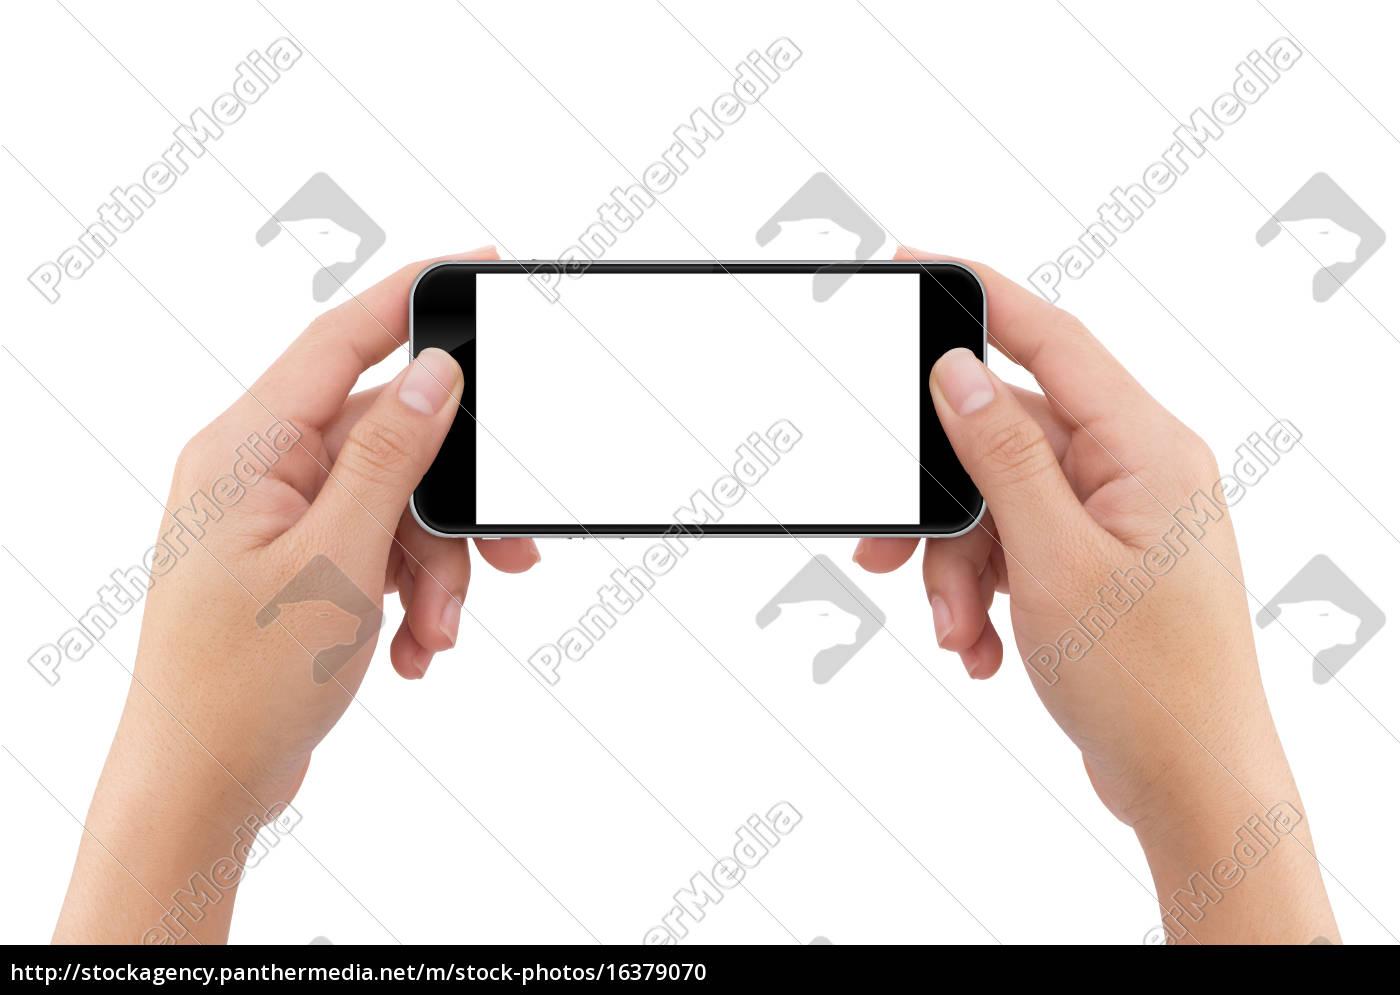 mano, che, tiene, il, telefono, schermo - 16379070